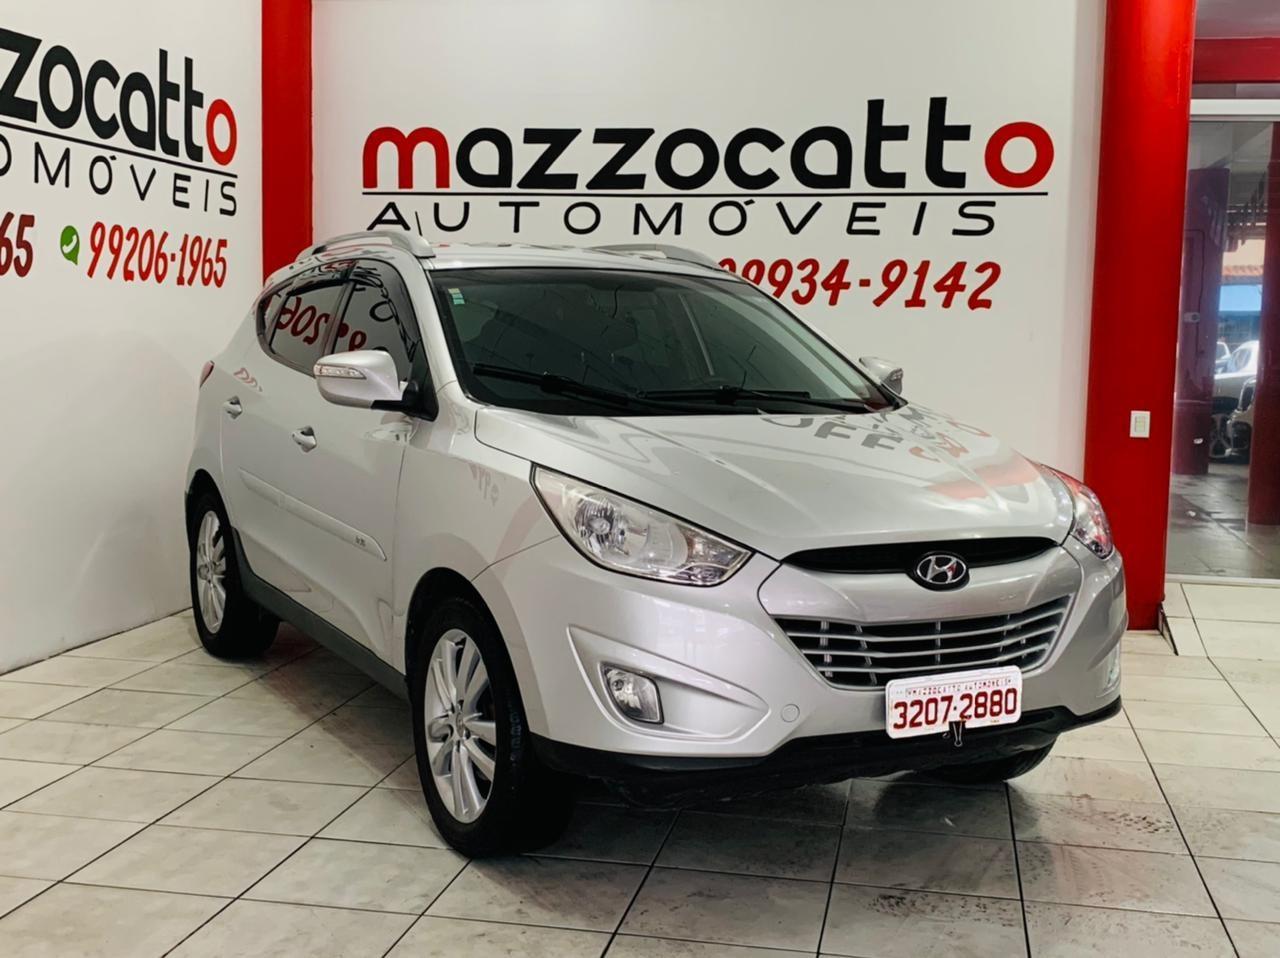 //www.autoline.com.br/carro/hyundai/ix35-20-16v-170cv-2wd-gasolina-4p-automatico/2013/joinville-sc/14062021